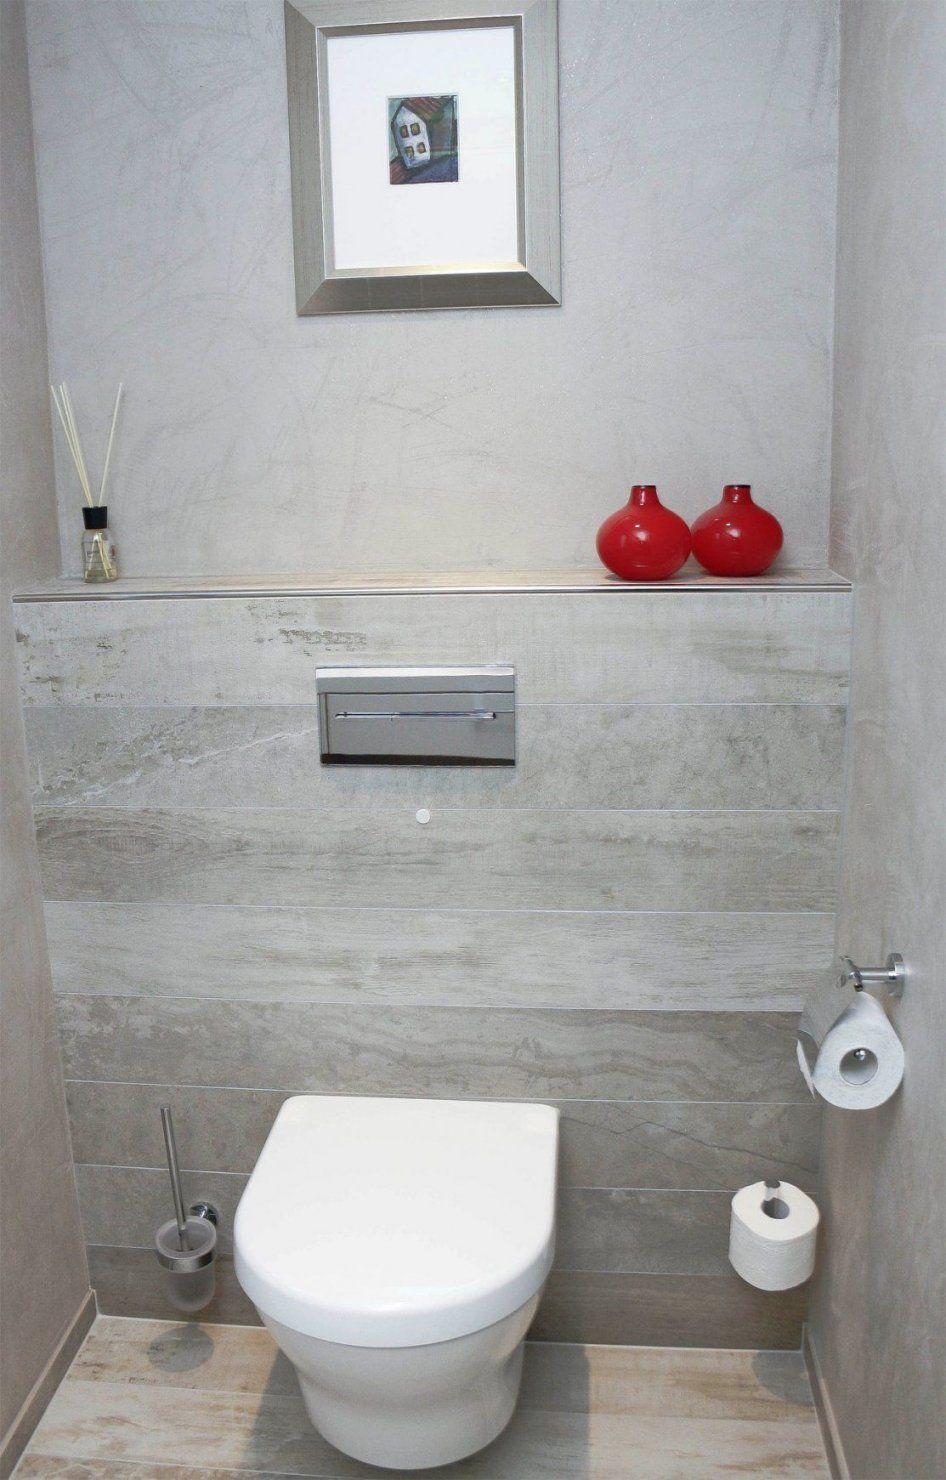 Fliesen Gäste Wc Lösungen  Haus Design Ideen von Gäste Wc Fliesen Oder Streichen Bild